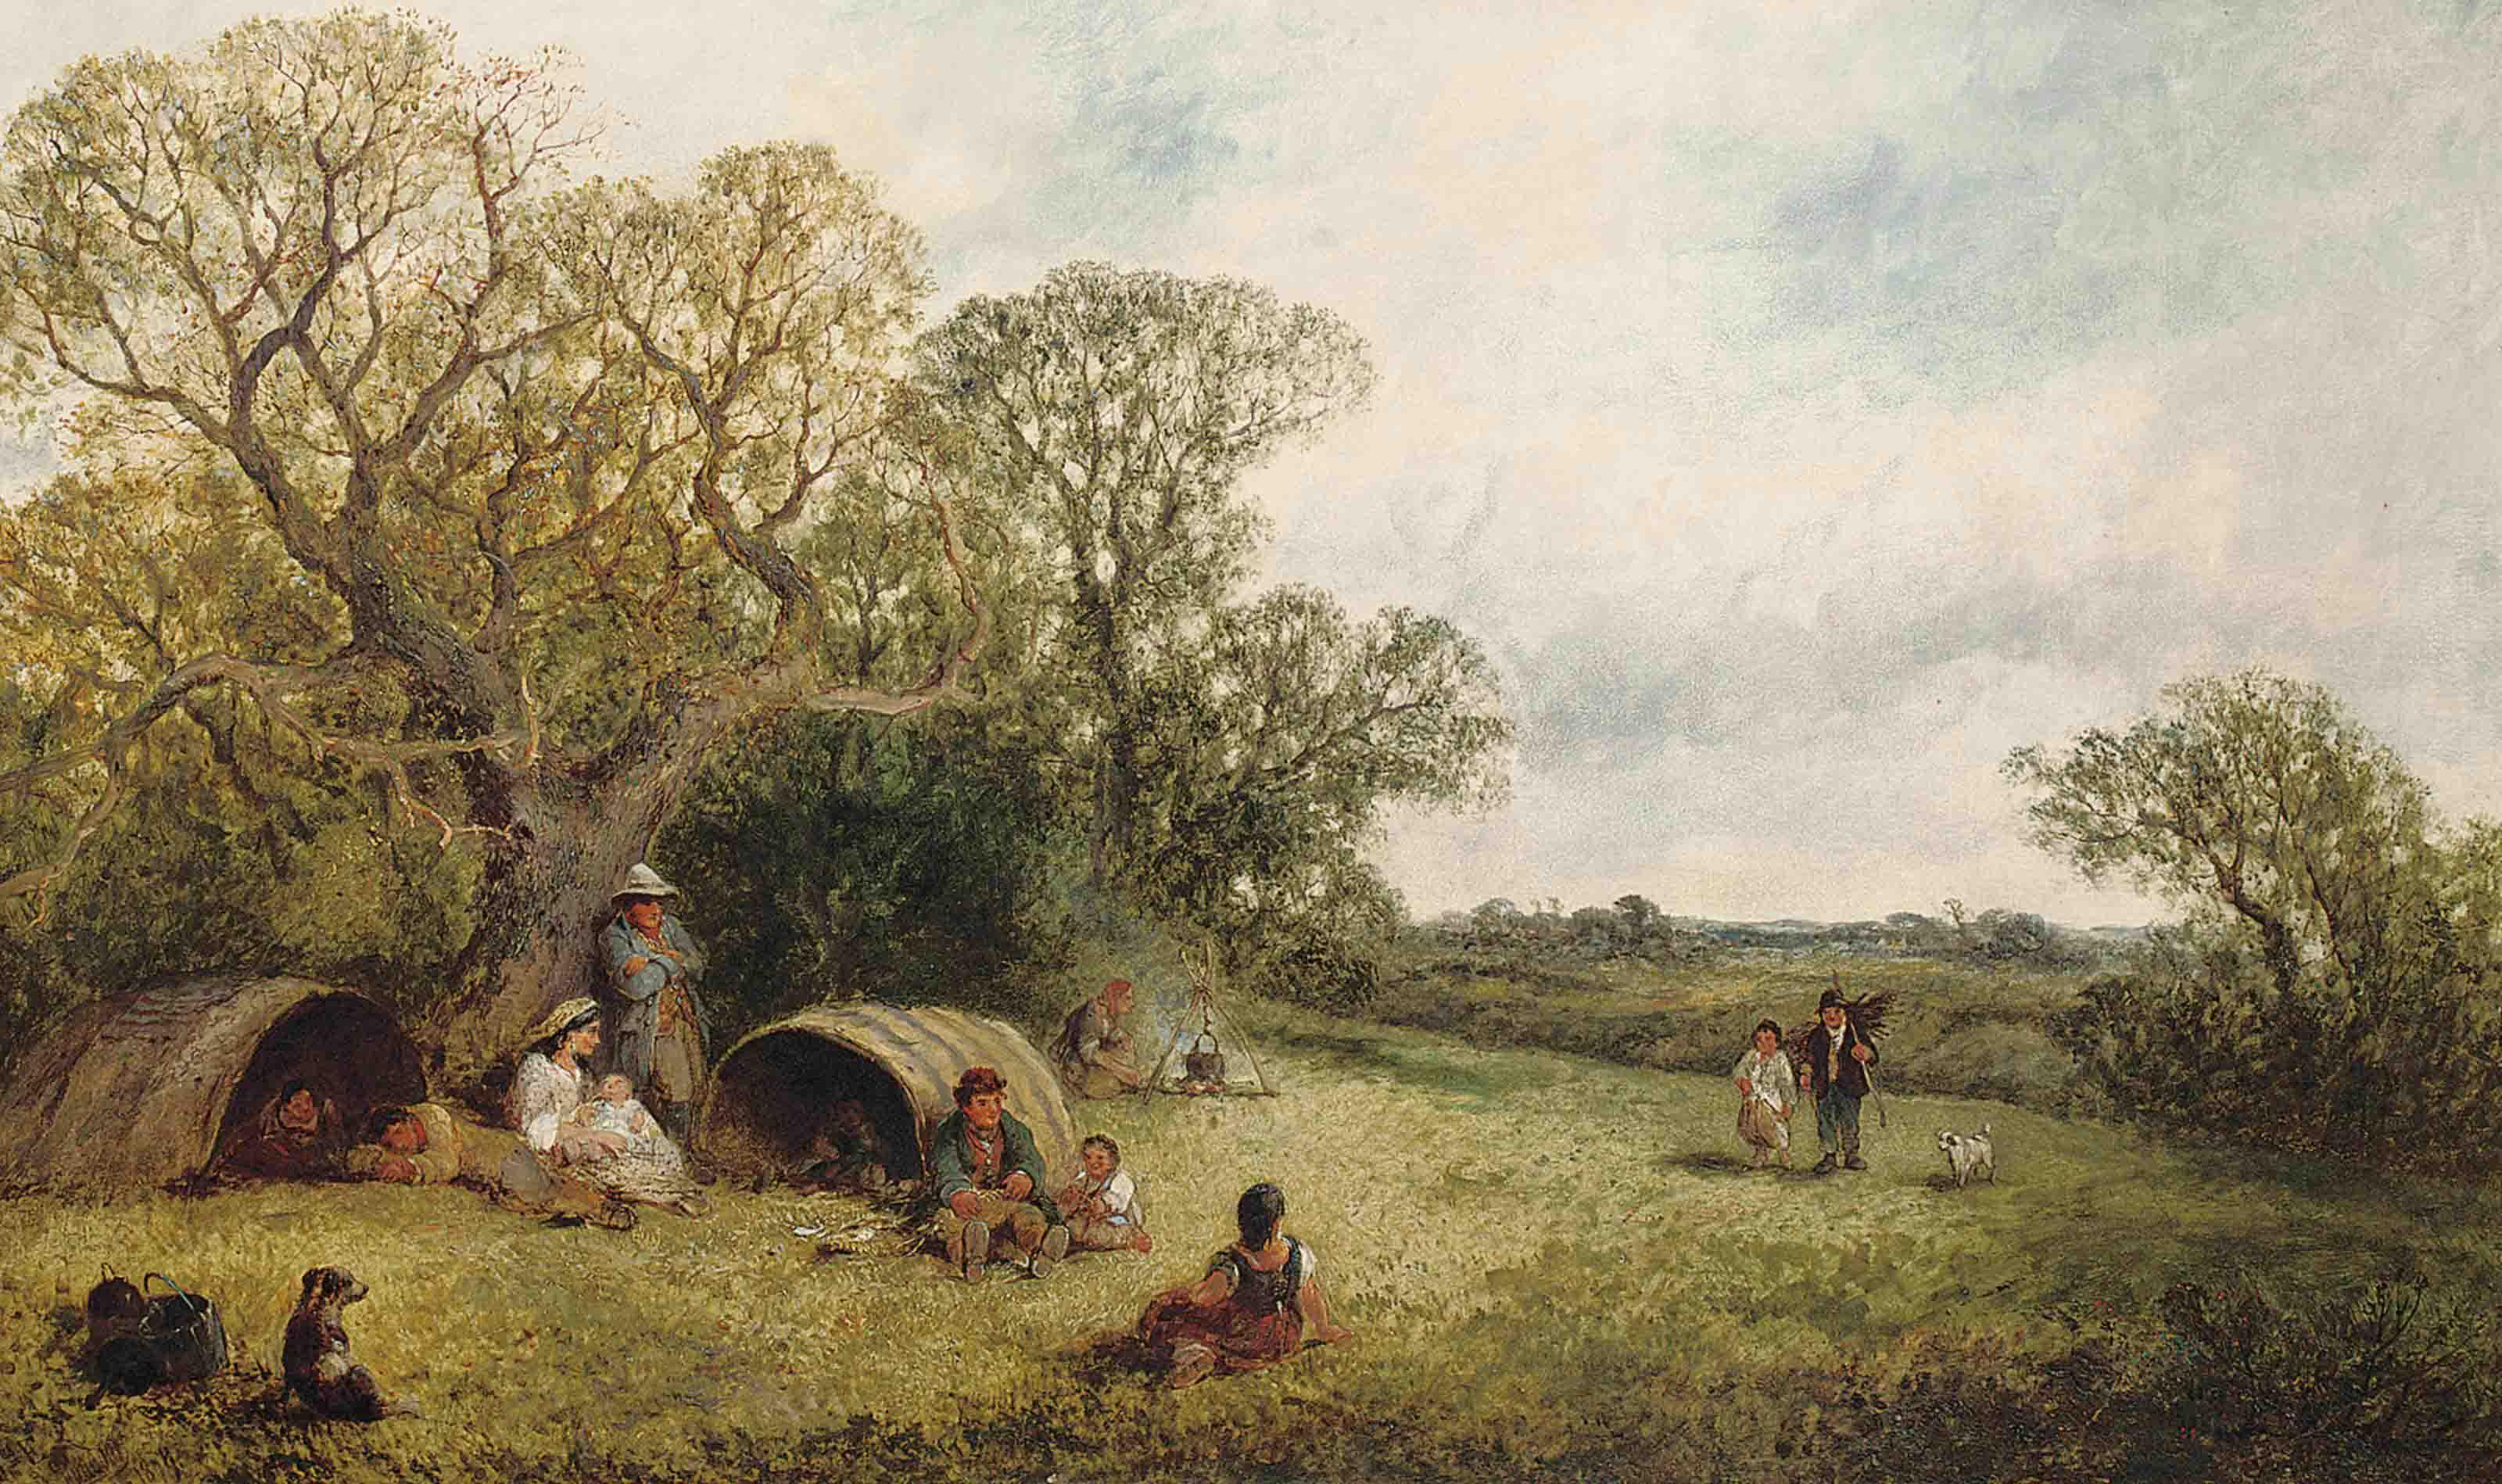 The gypsy encampment